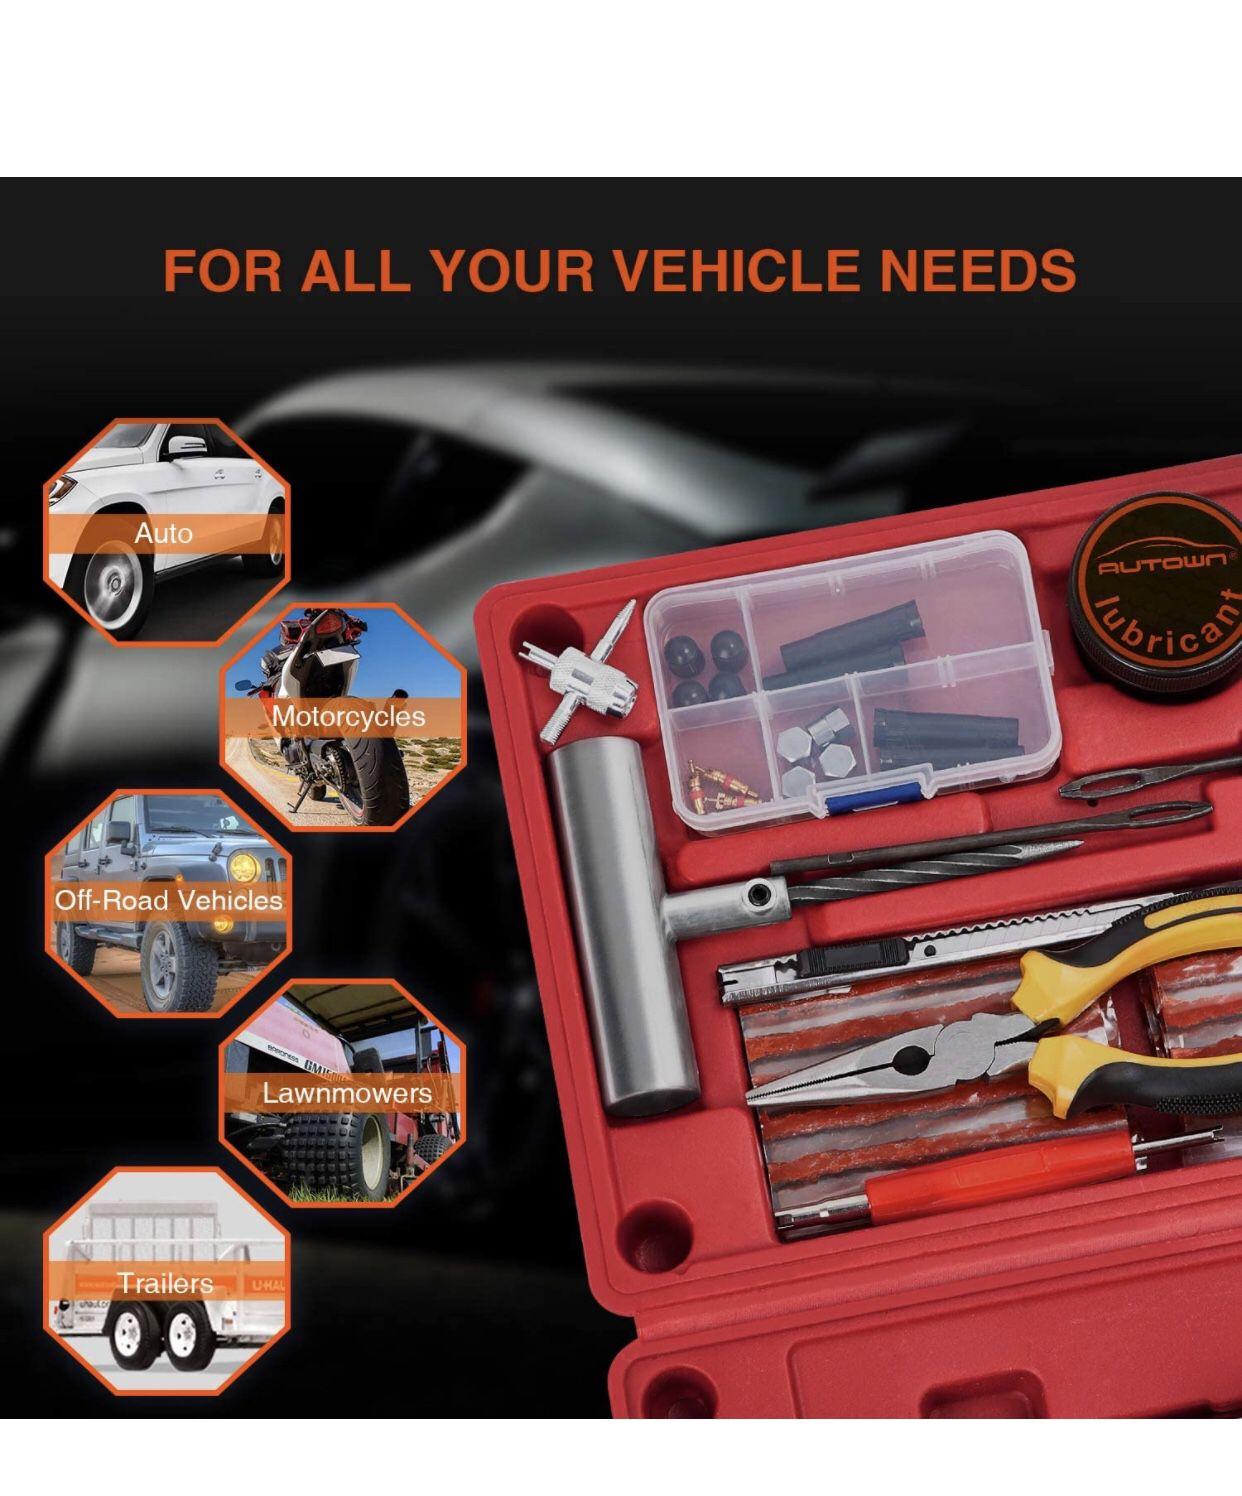 Flat Tire Repair Kits, 62 Pcs Universal Tire Plug Kit Heavy Duty Flat Tire Puncture Repair Kit for Cars, Trucks, Motorcycles, ATV,RV, Jeep, Tractor, T